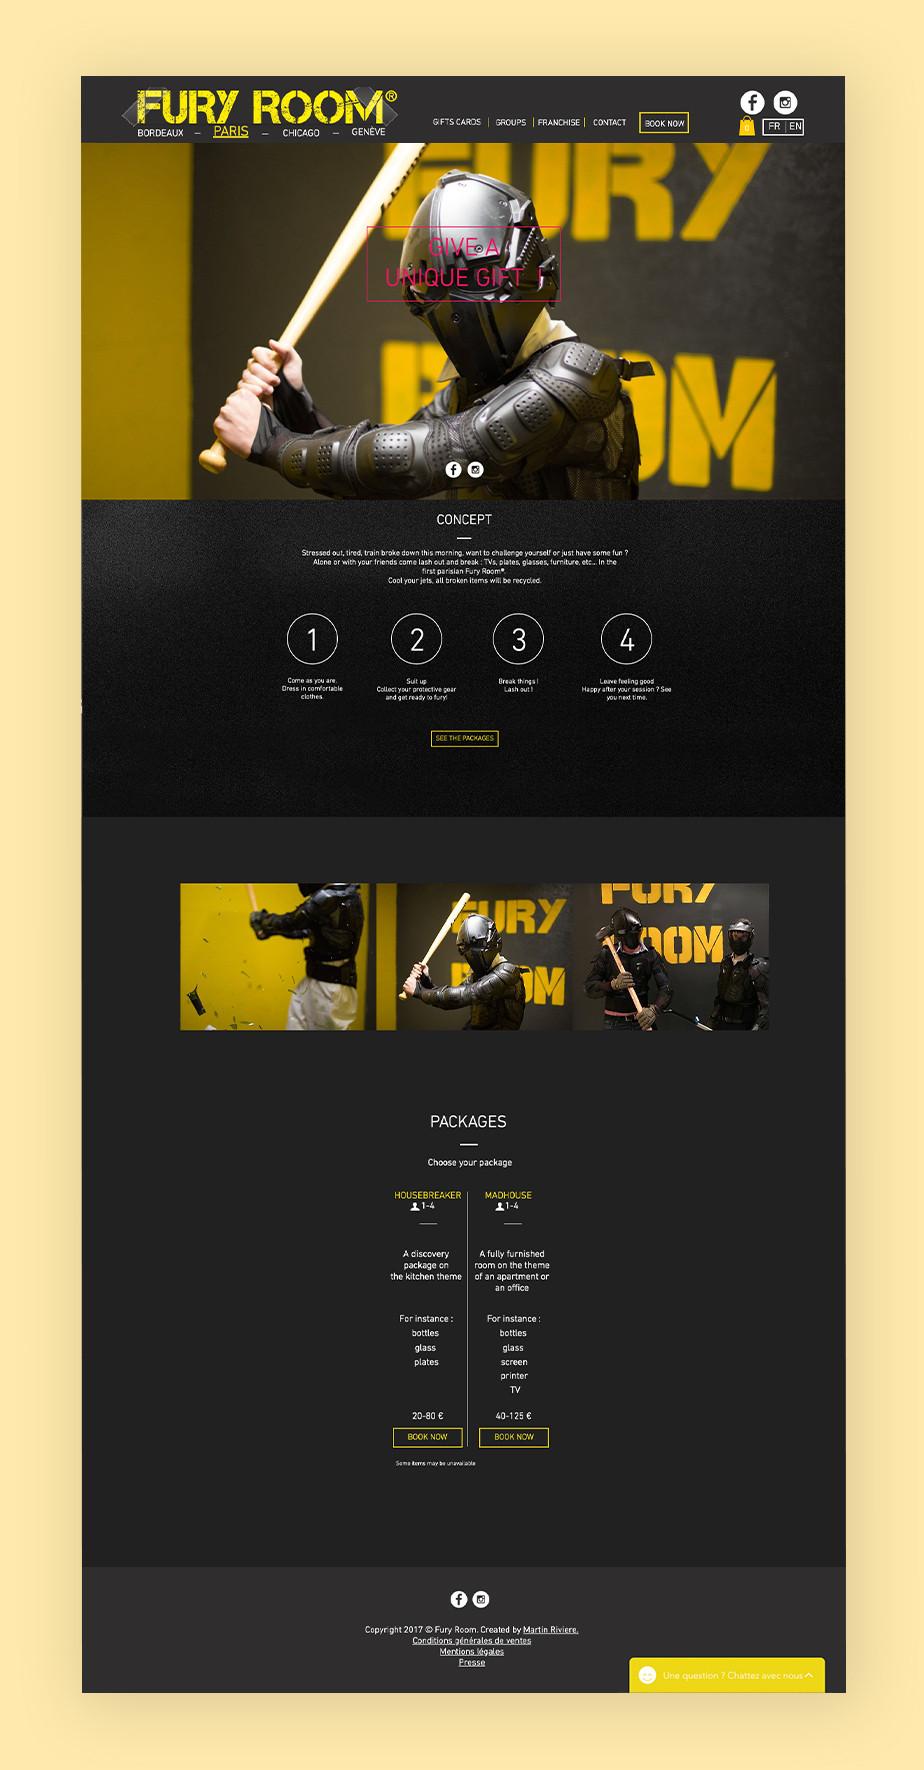 Przykład strony Wix Bookings: Fury Room